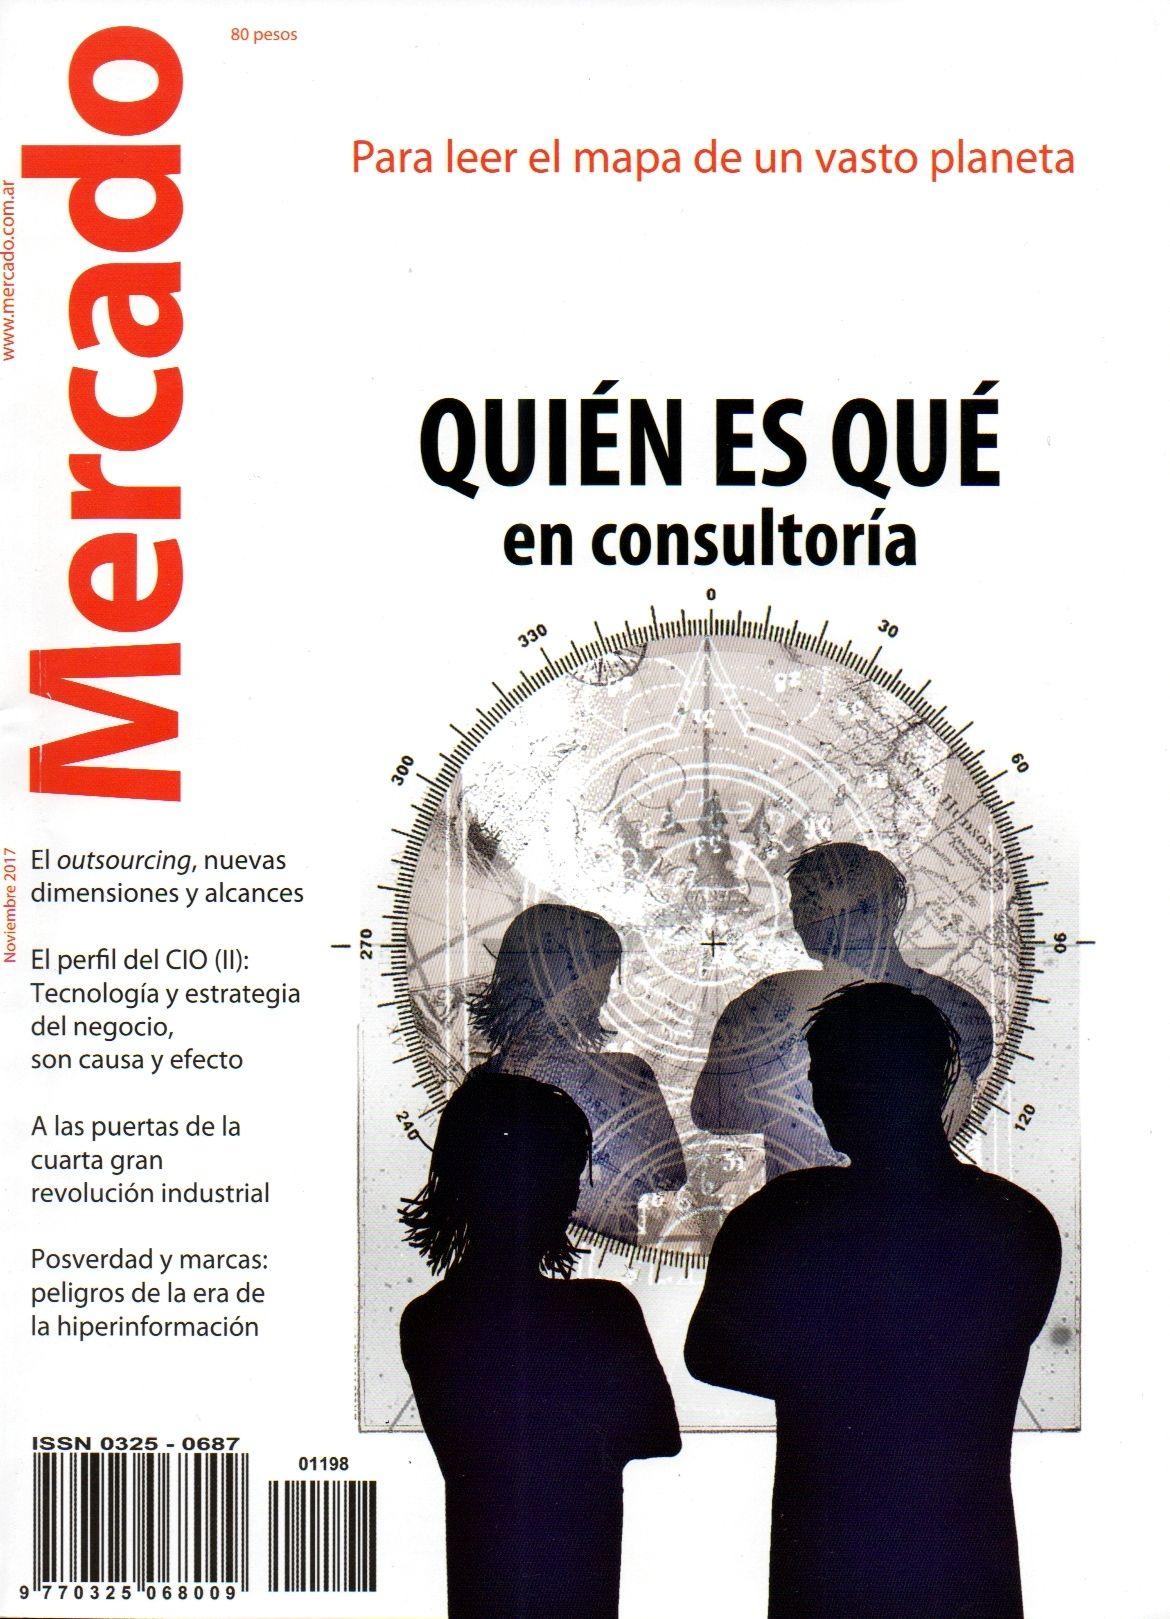 Revista Mercado- Quién es qué en consultoría